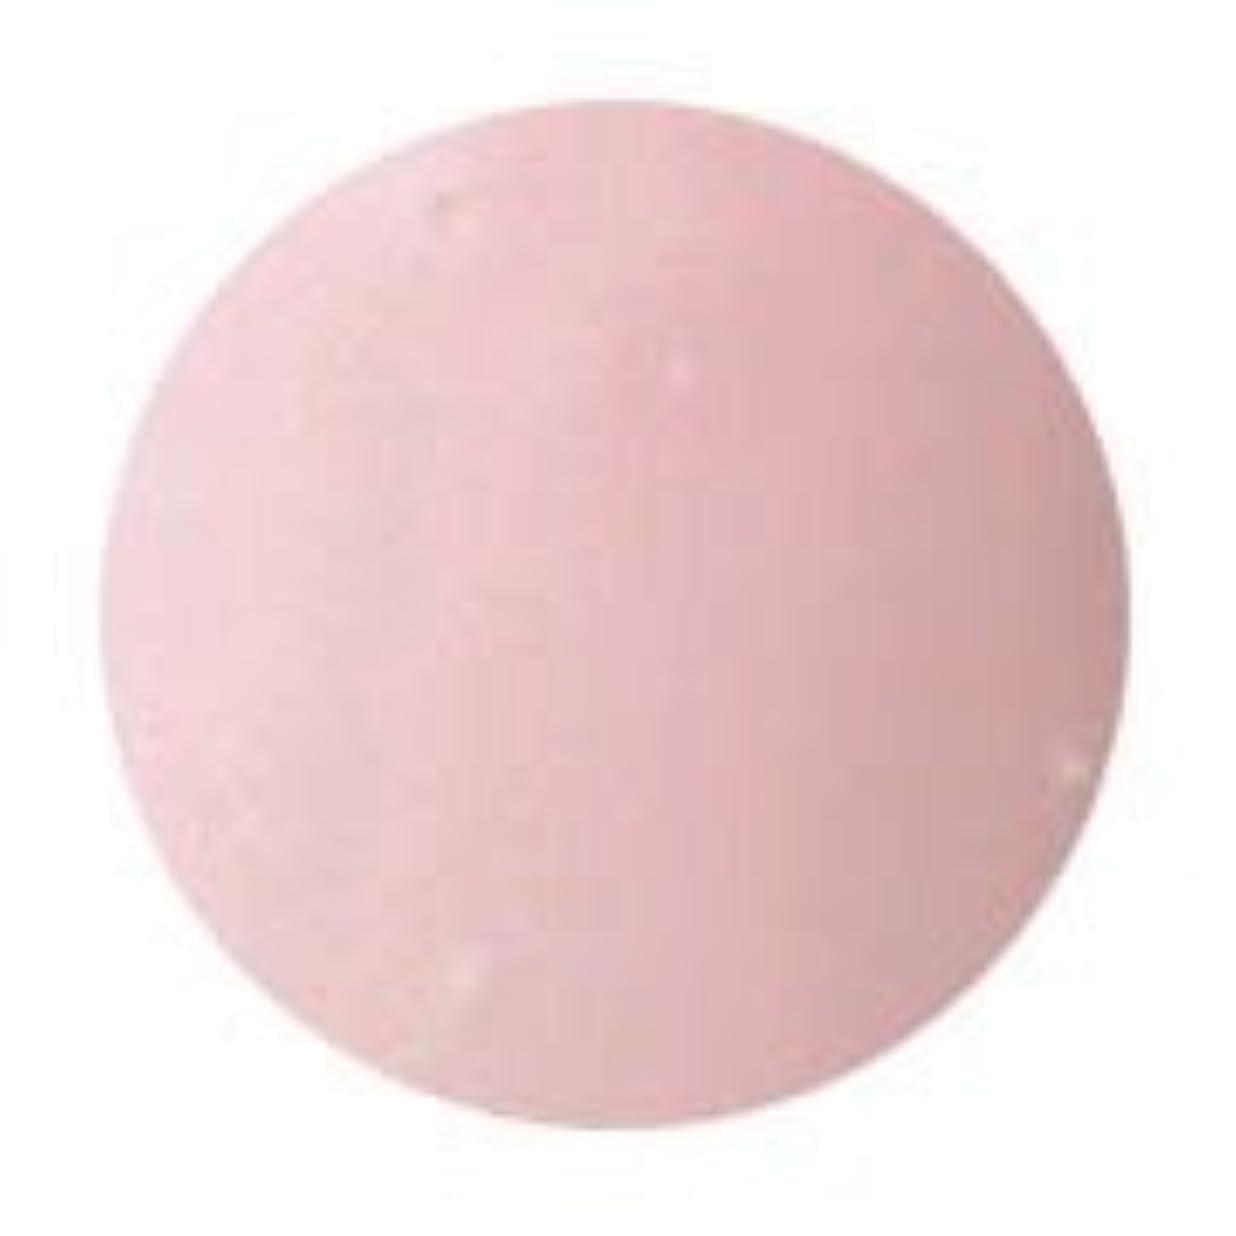 擬人化日発生★Putiel(プティール) カラージェル キャンディー 3g C7 スウィートピンク